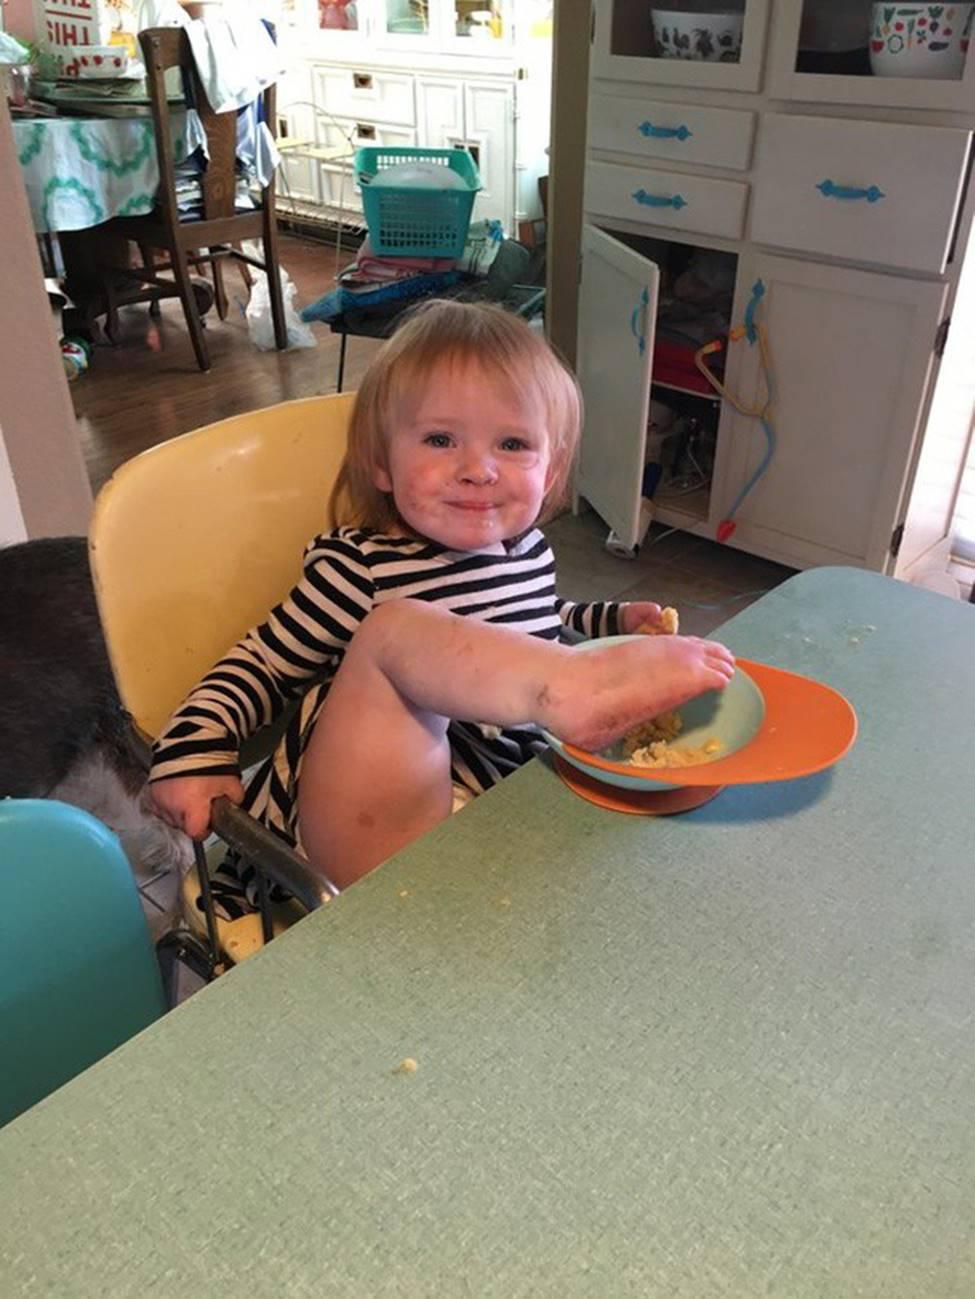 Nhìn cách em bé 2 tuổi thưởng thức kem, dân mạng phải thốt lên: Hóa ra tôi đã ăn kem sai cách cả cuộc đời-3